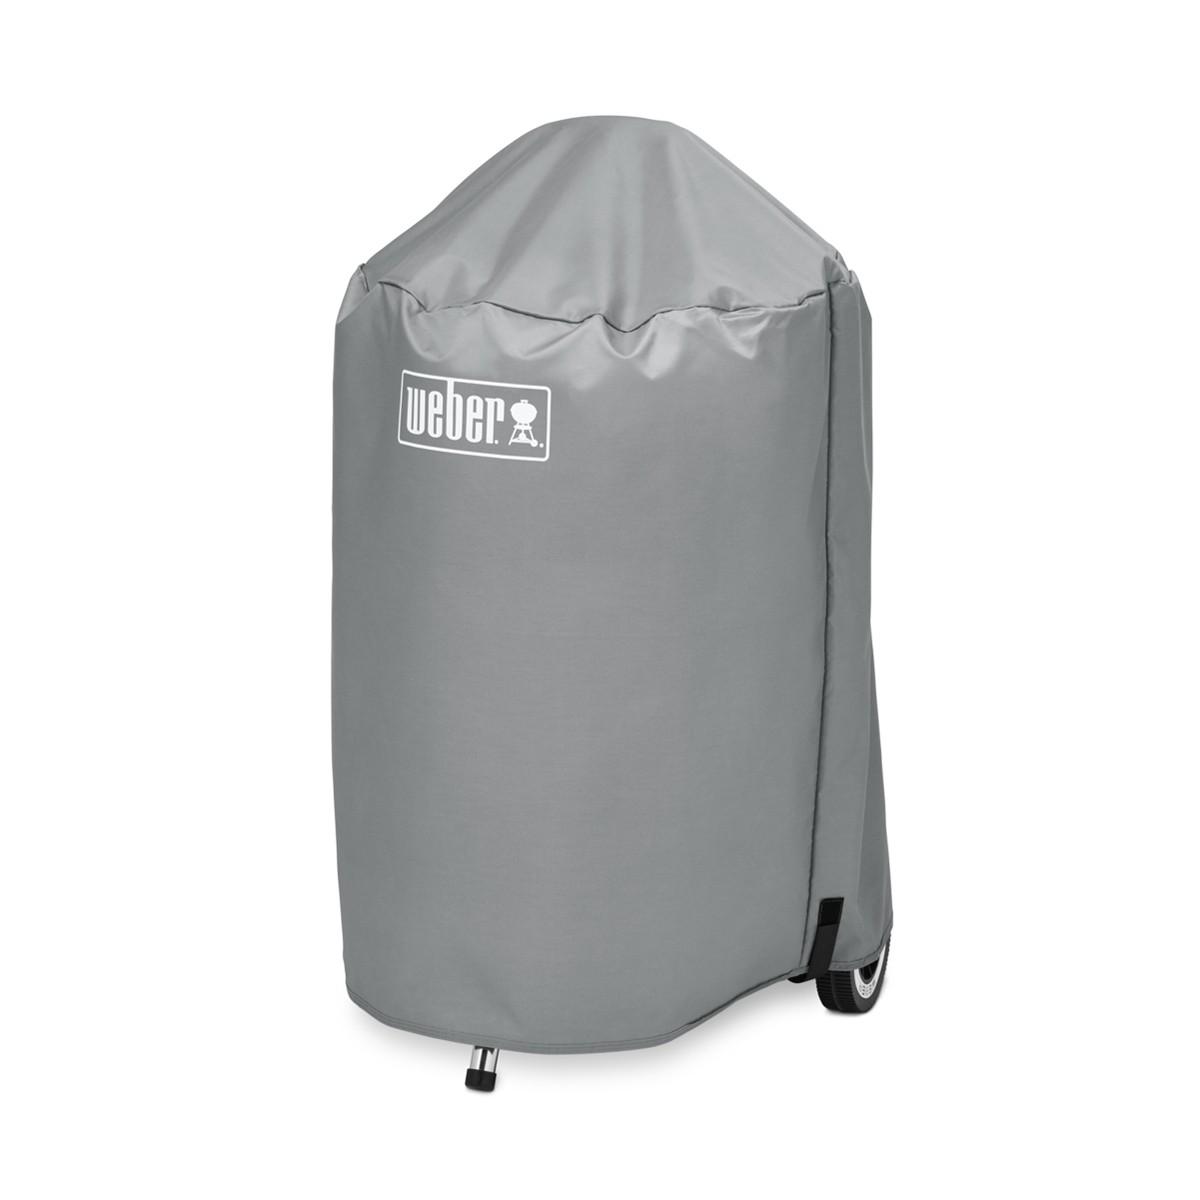 Weber Custodia Standard Per Bbq Carbone 47 Cm